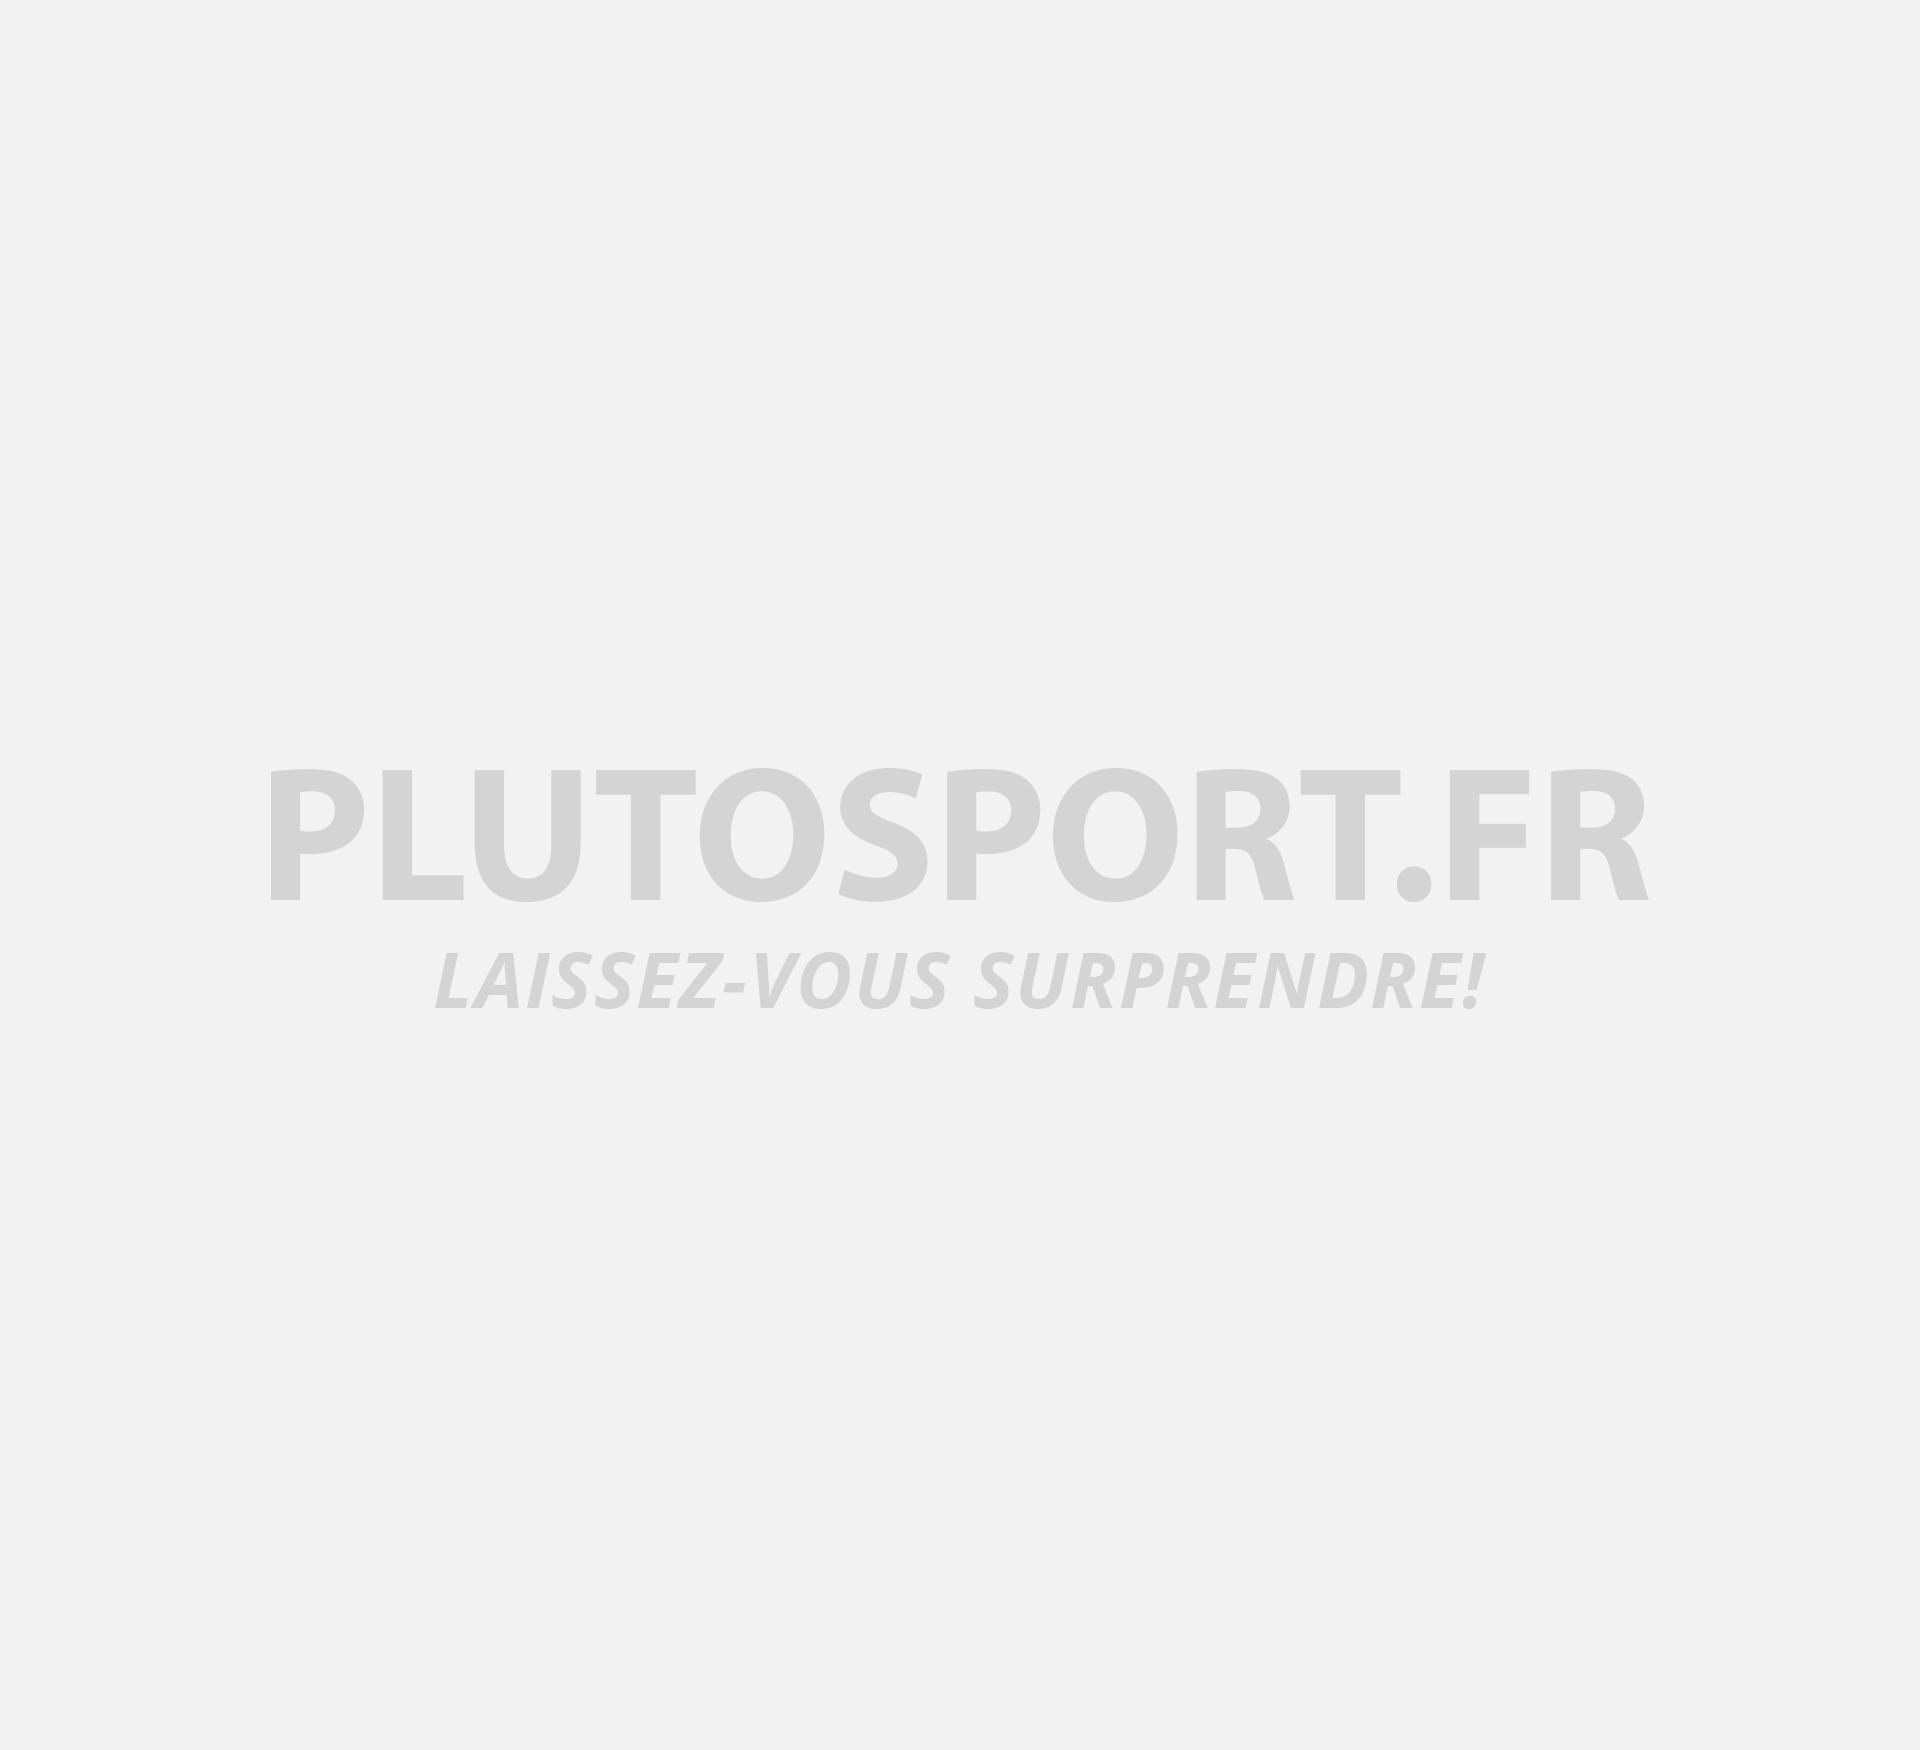 Ledlenser Jogging Hoofdlamp NEO 10R